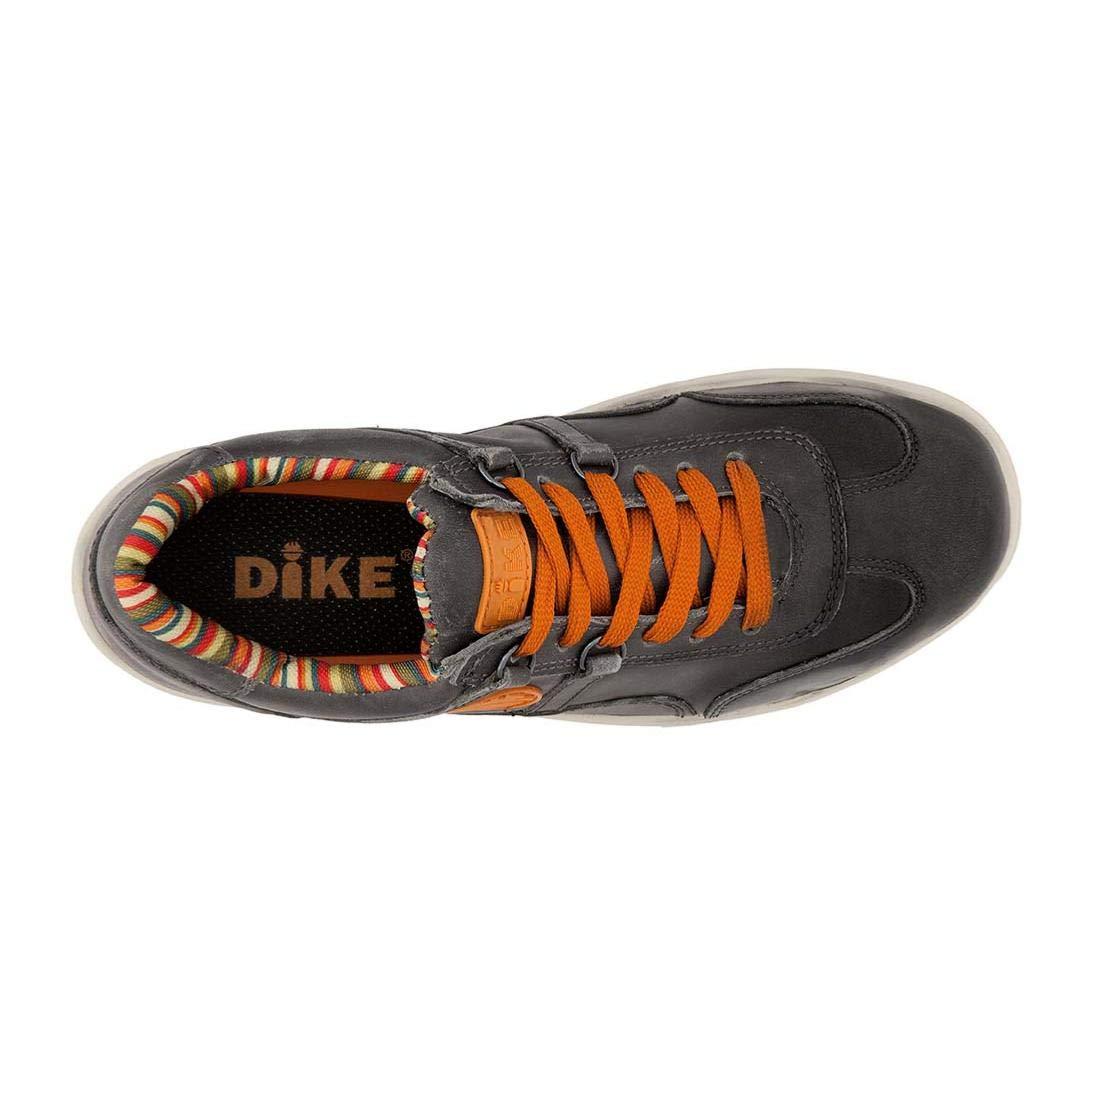 Calzado de protecci/ón de Piel para Hombre Gris Antracita DIKE